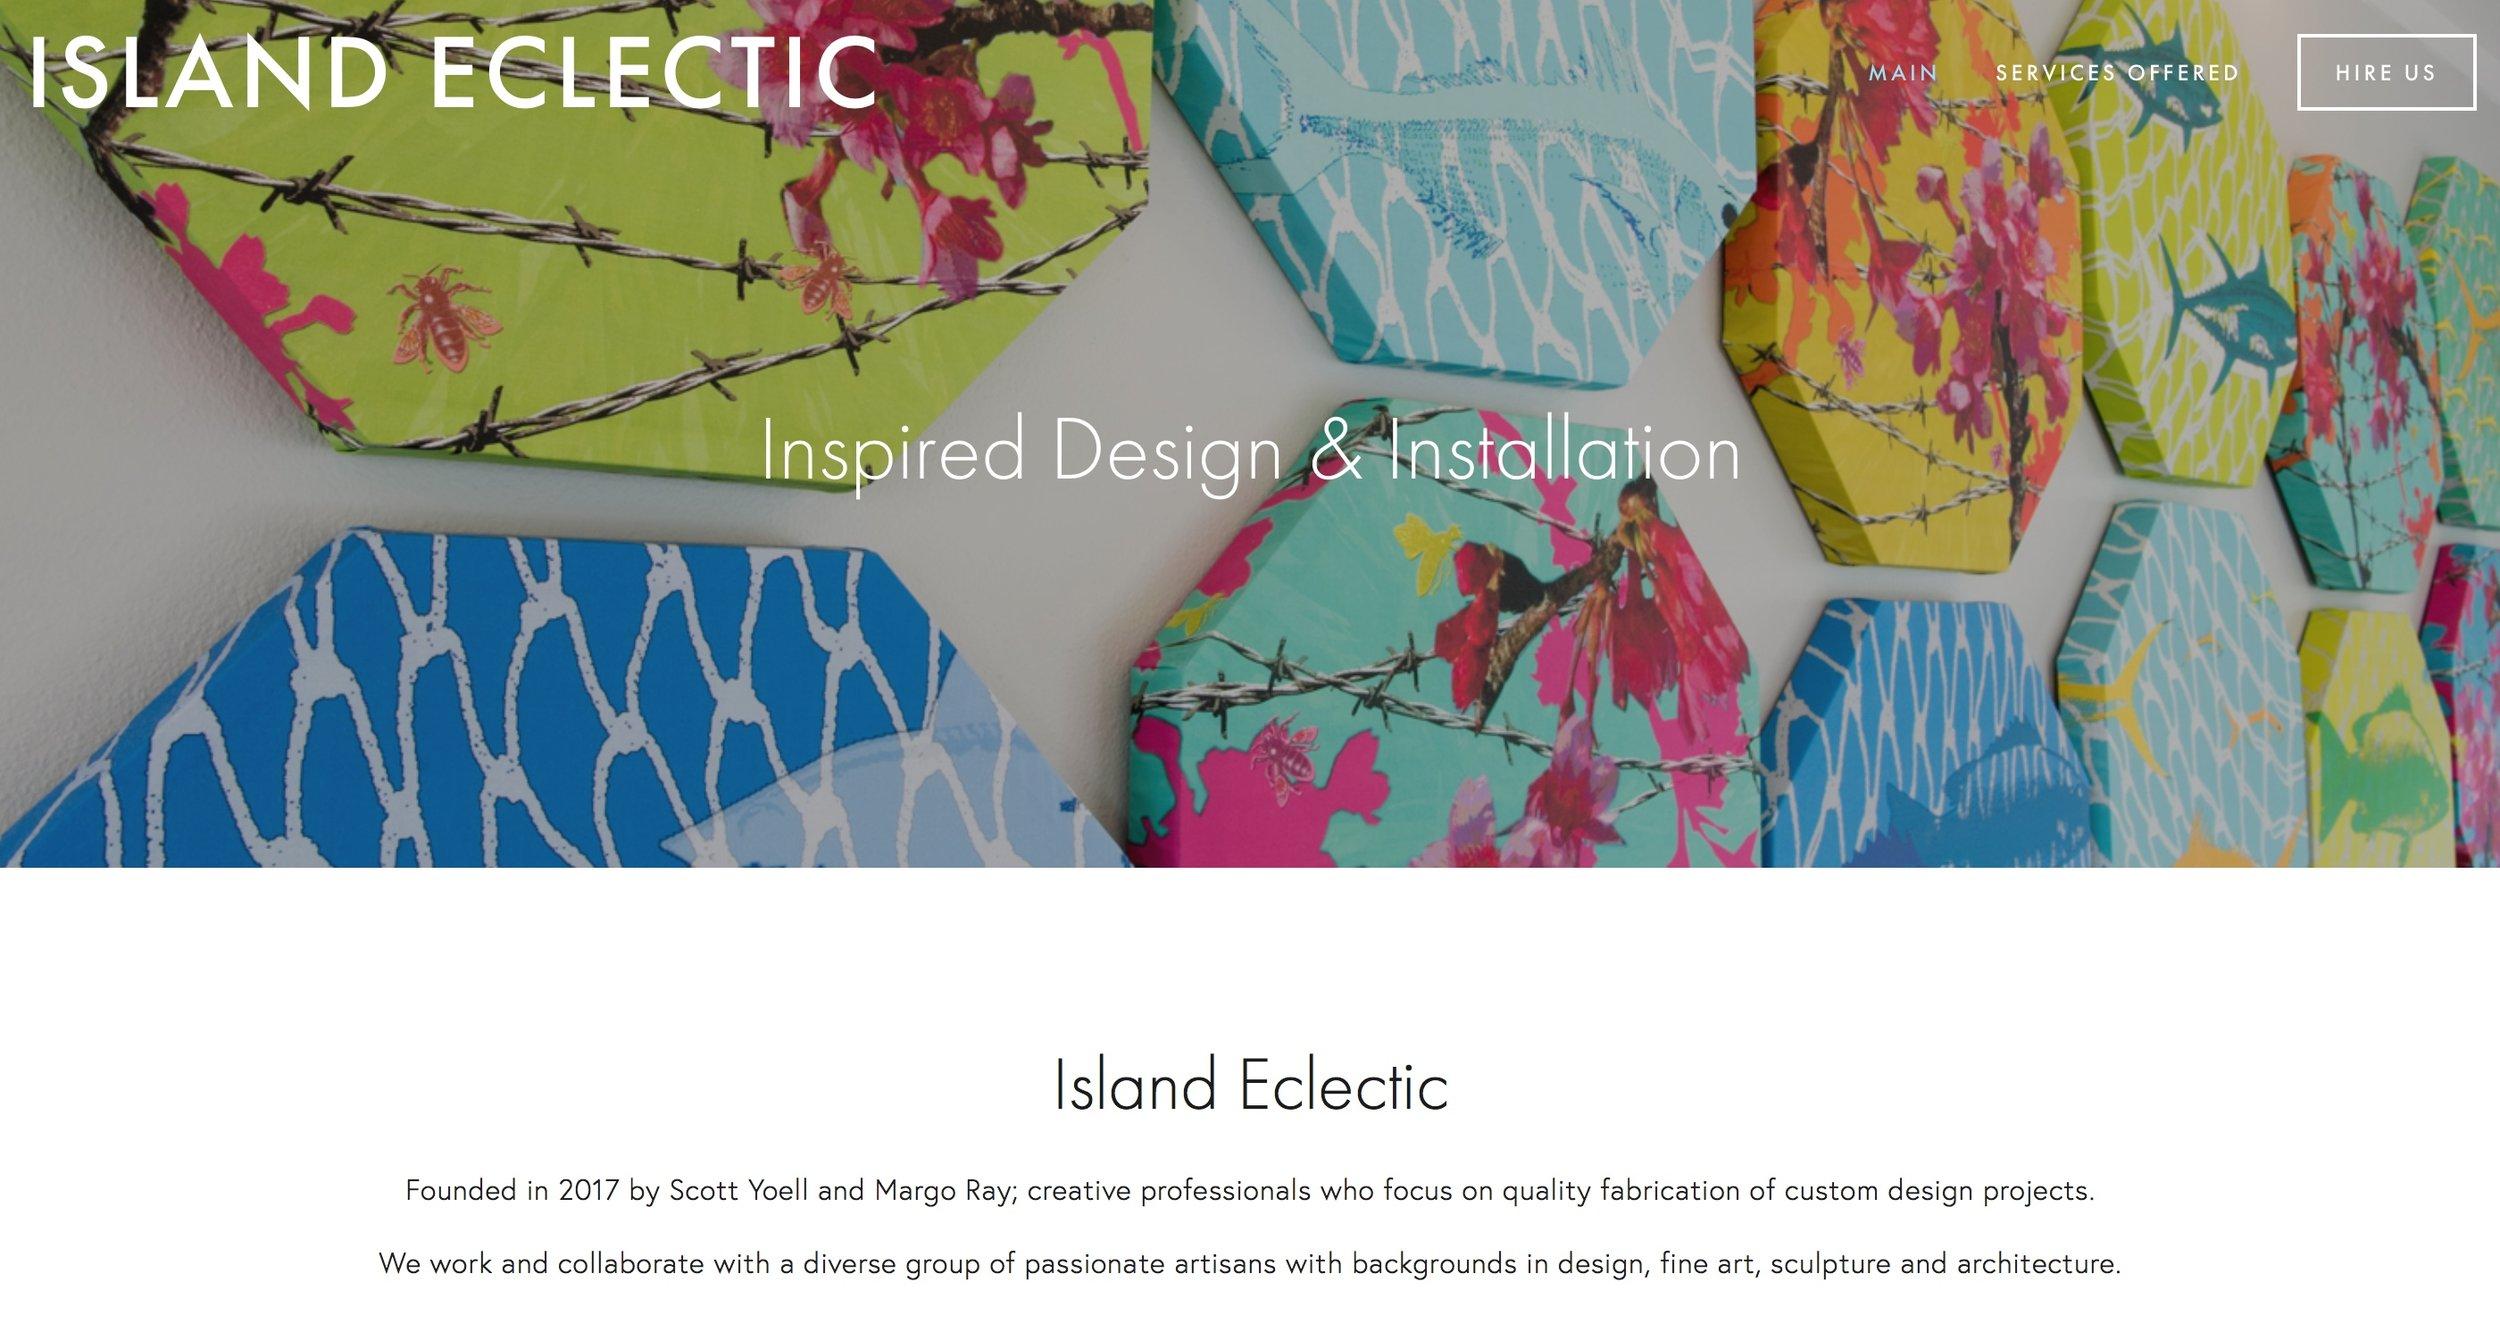 island eclectic 3.jpeg